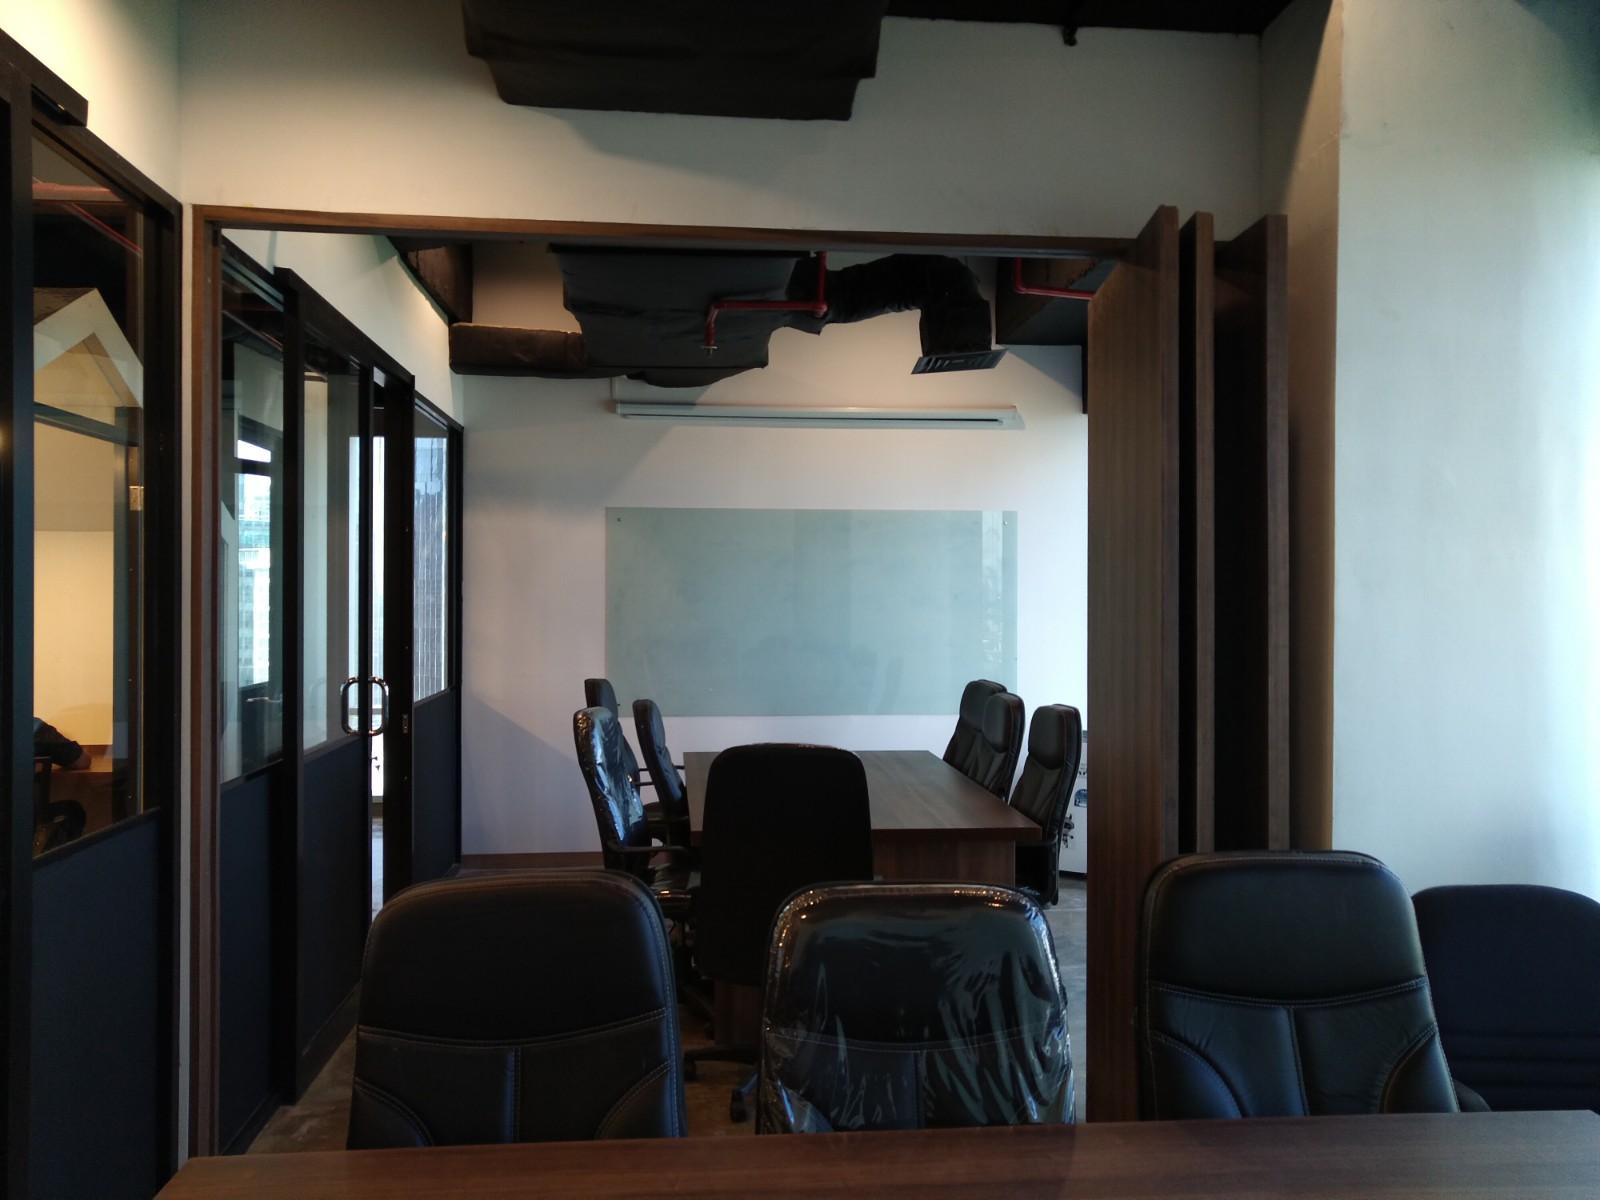 Coworking space, work, apiary, milenial